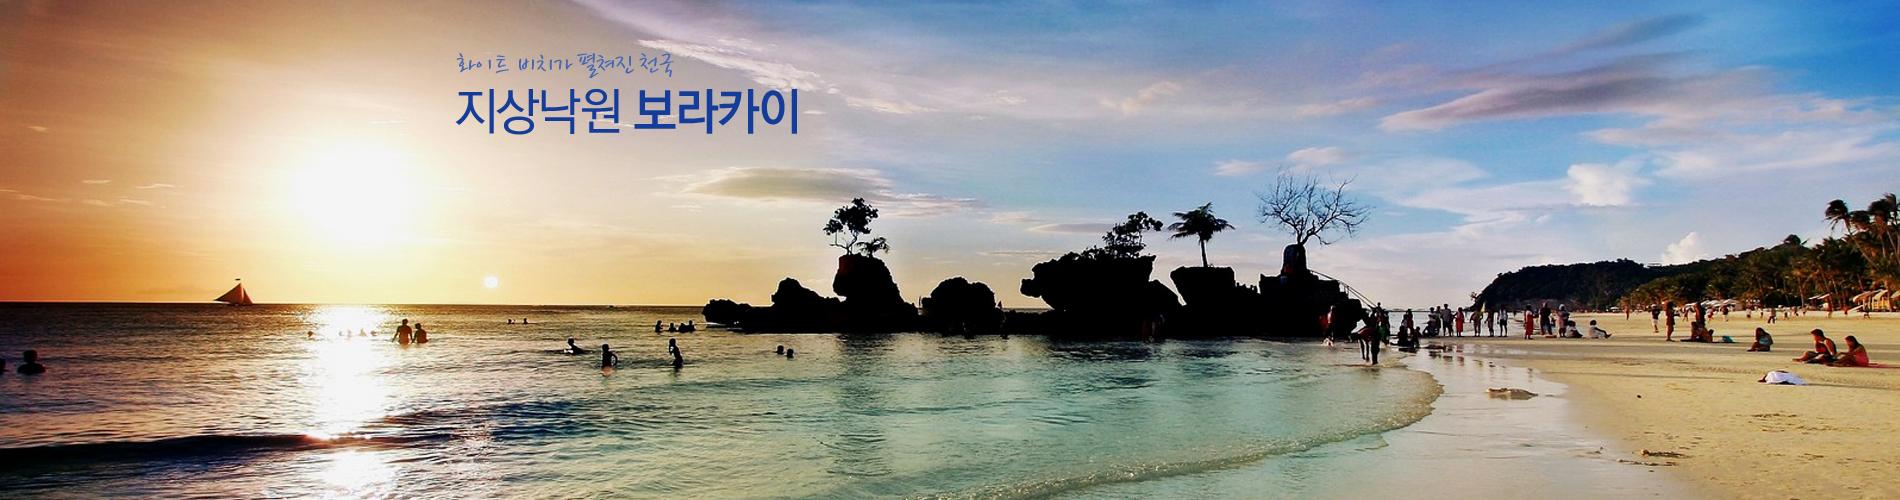 화이트 비치가 펼쳐진 천국 지상낙원 보라카이